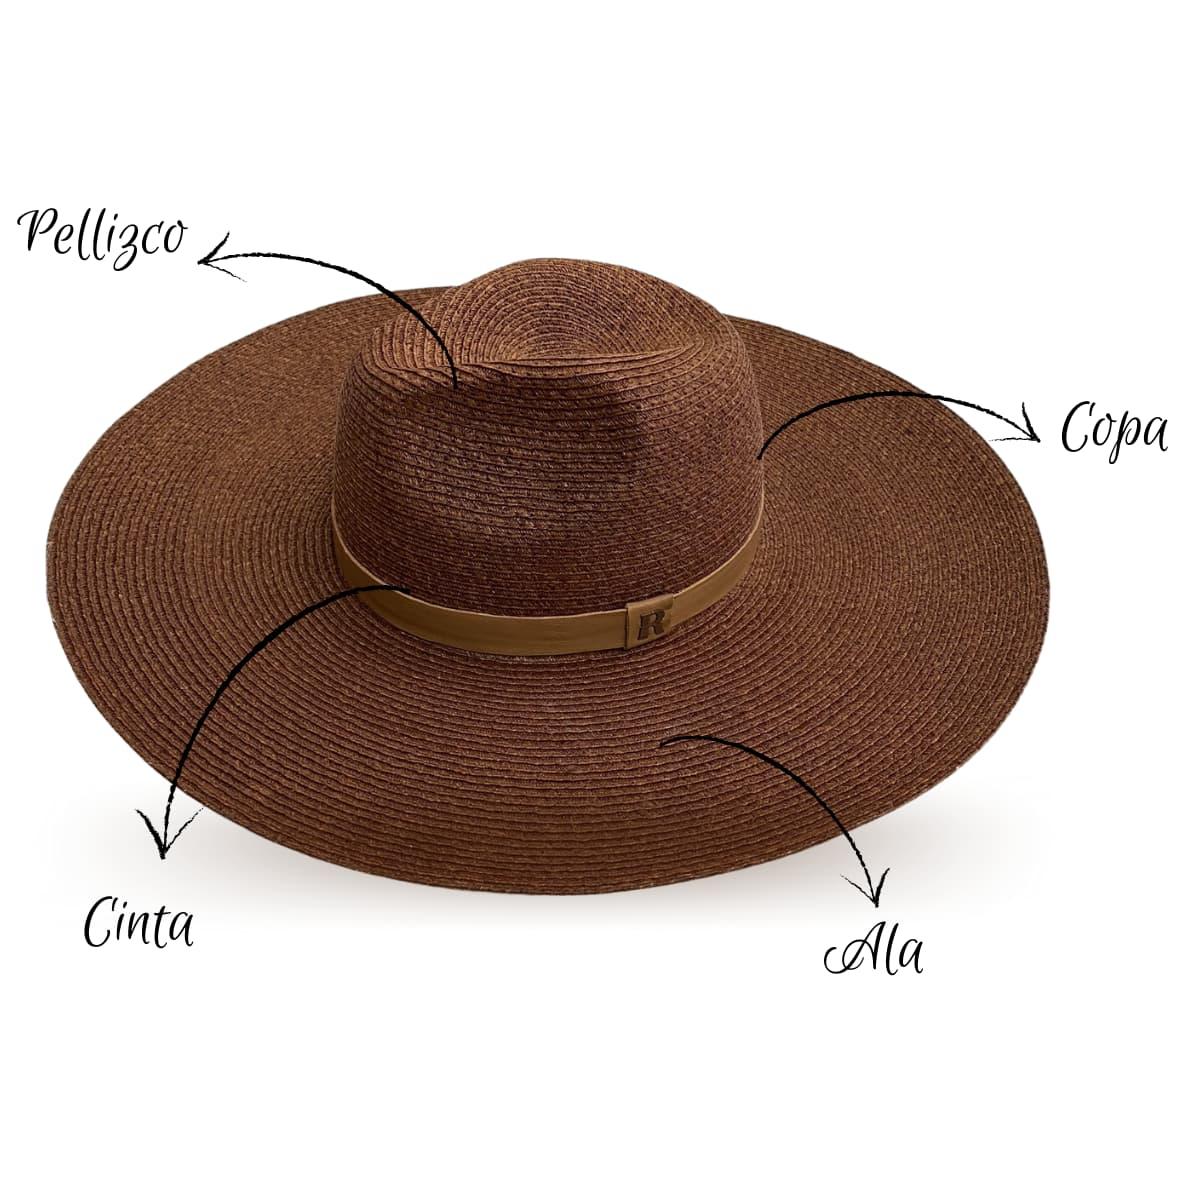 ¿Cómo cuidar tu sombrero de paja?